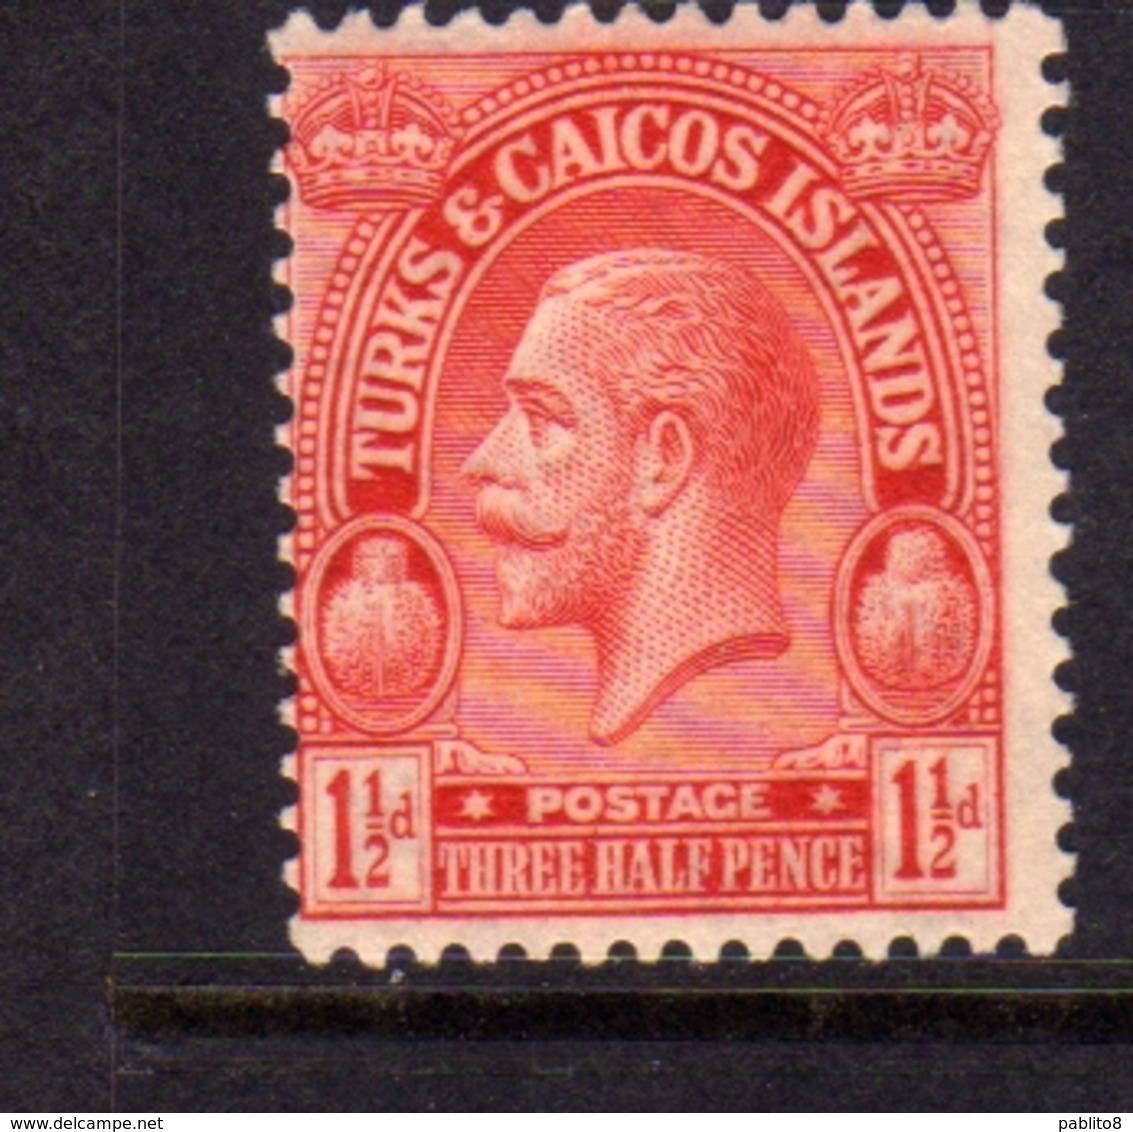 TURKS AND CAICOS 1922 1926 1925 KING GEORGE V RE GIORGIO 1 1/2p MNH - Turks And Caicos